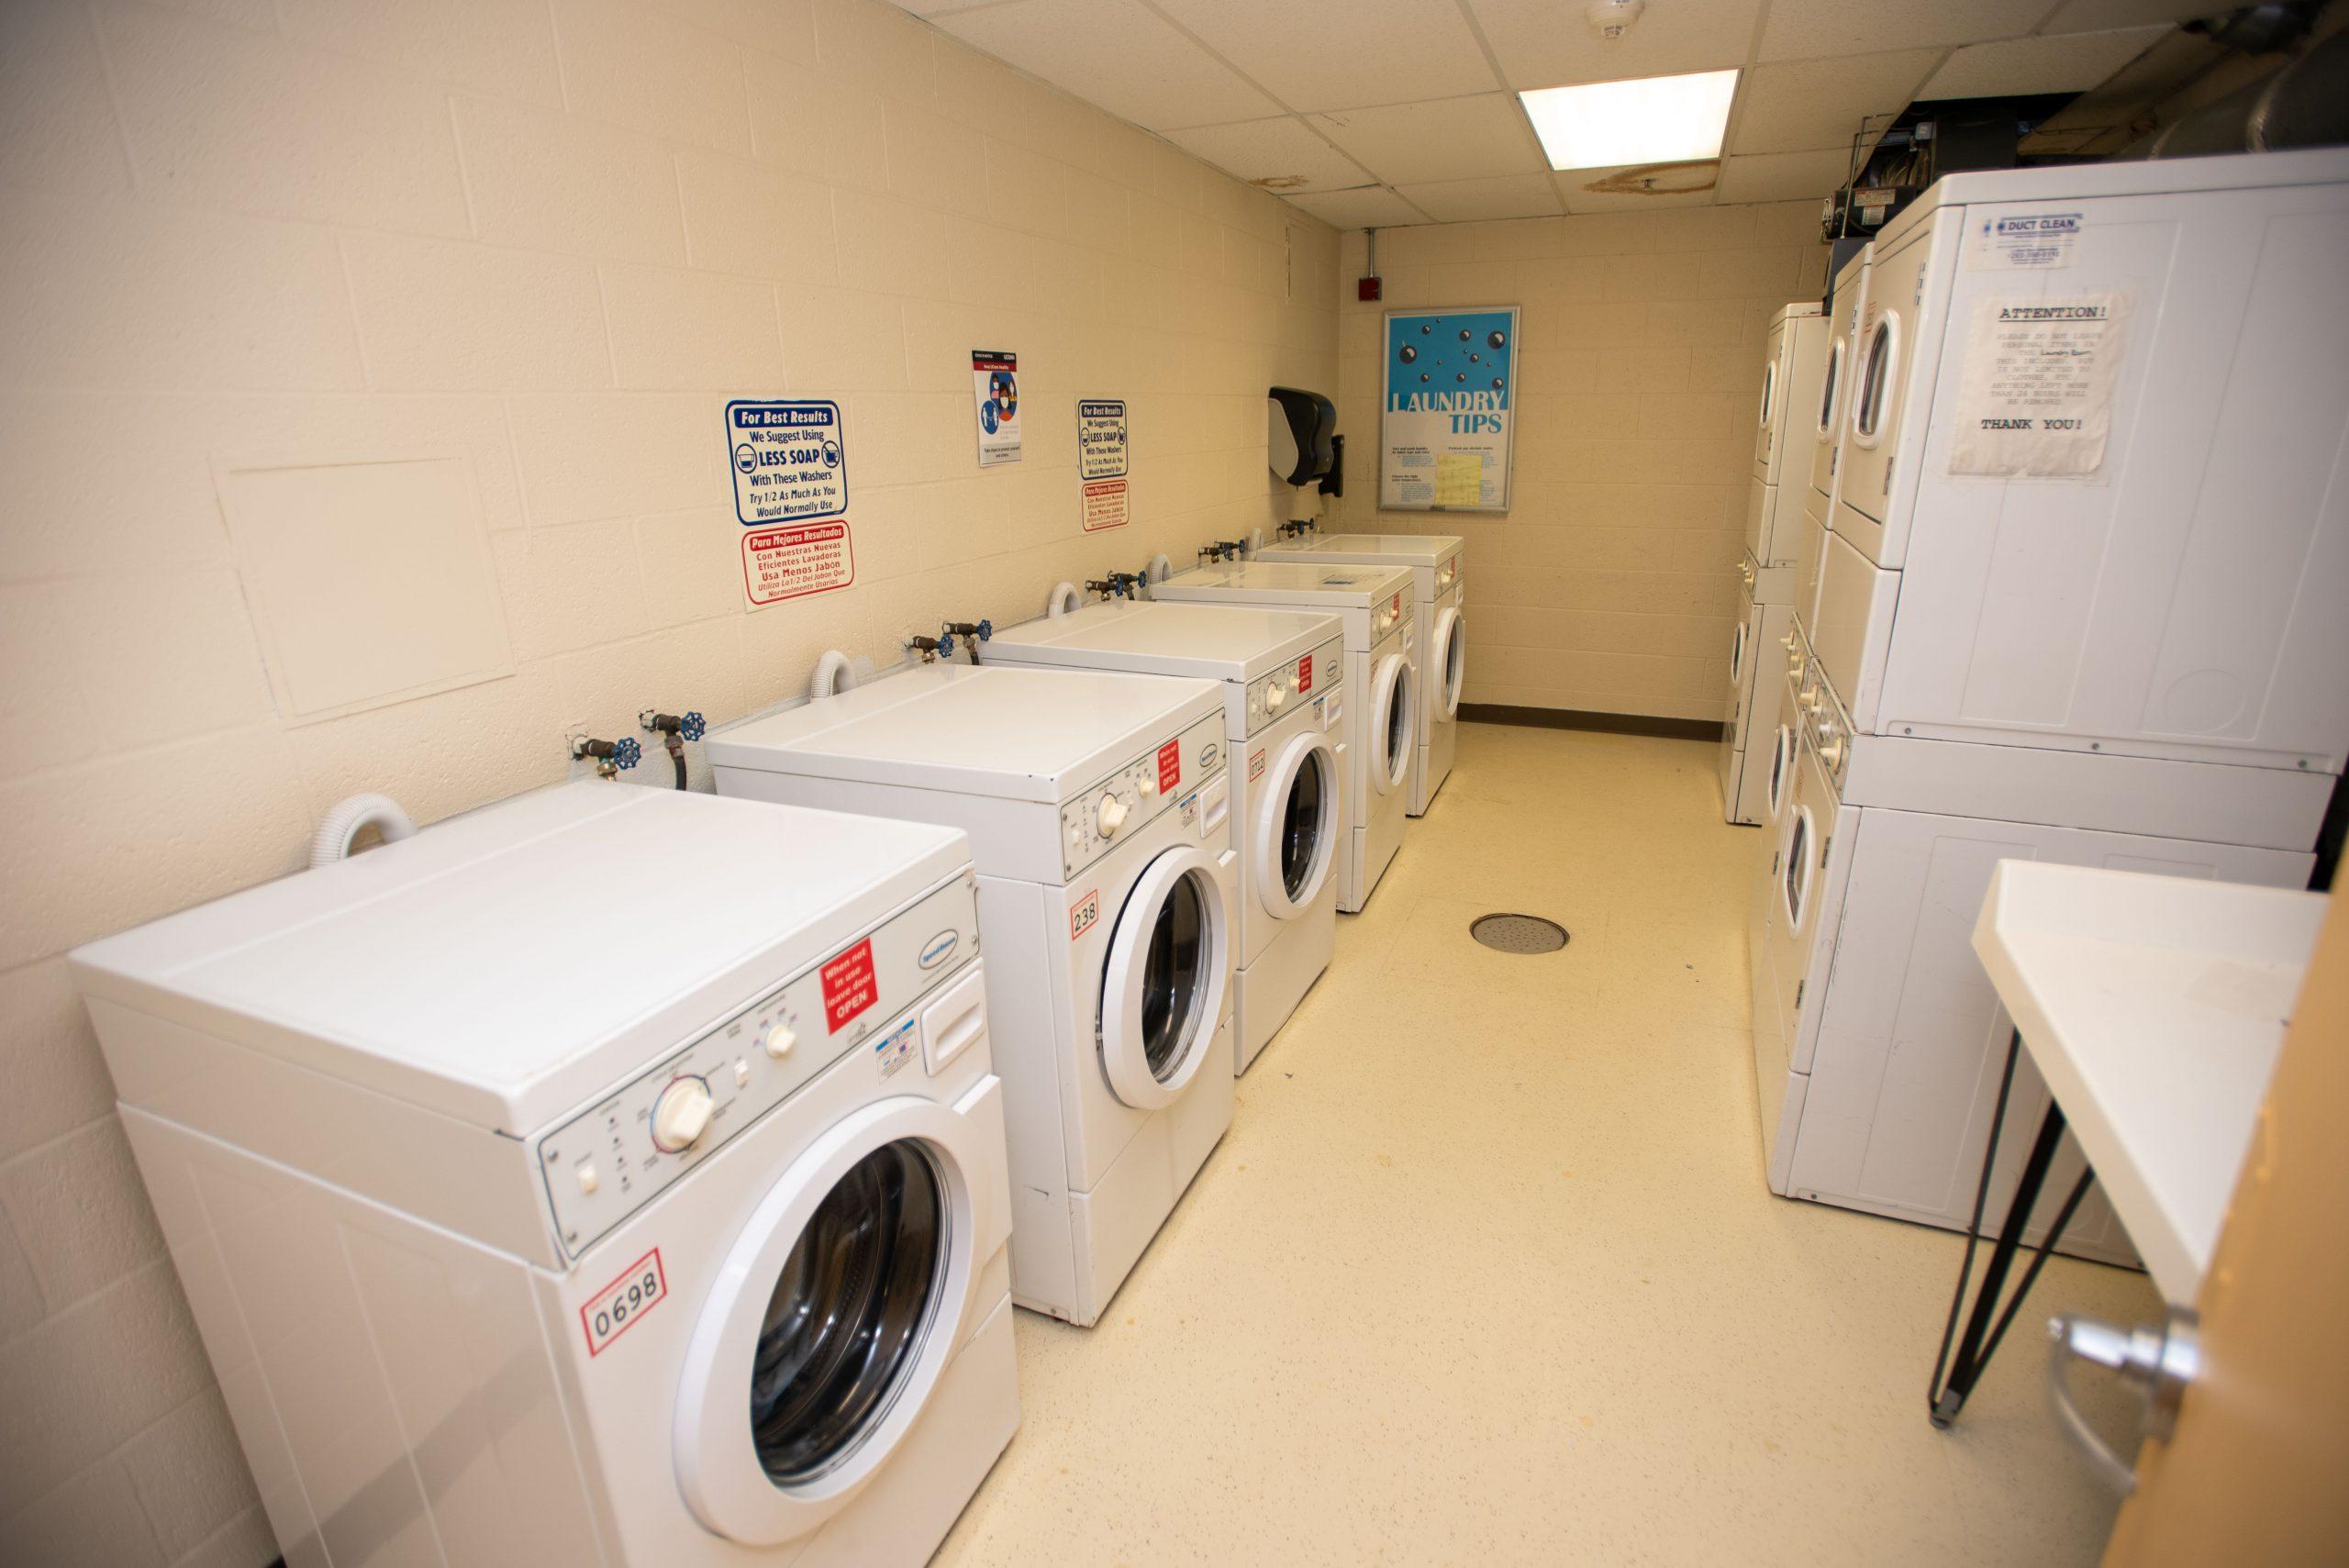 McMahon Laundry Room